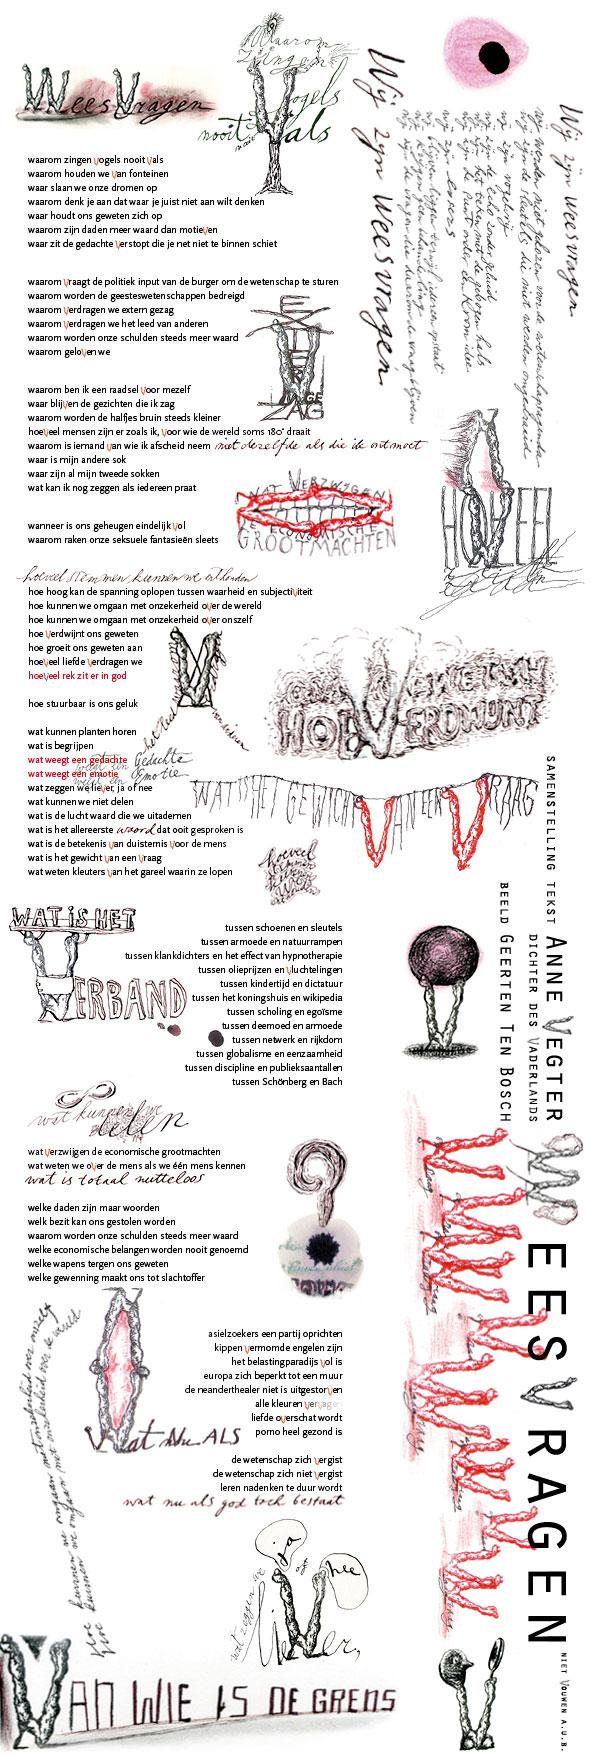 Geerten Ten Bosch, W eesvragen,                       Anne Vegter, weesvragen, poëzie, nationale wetenschapsagenda,